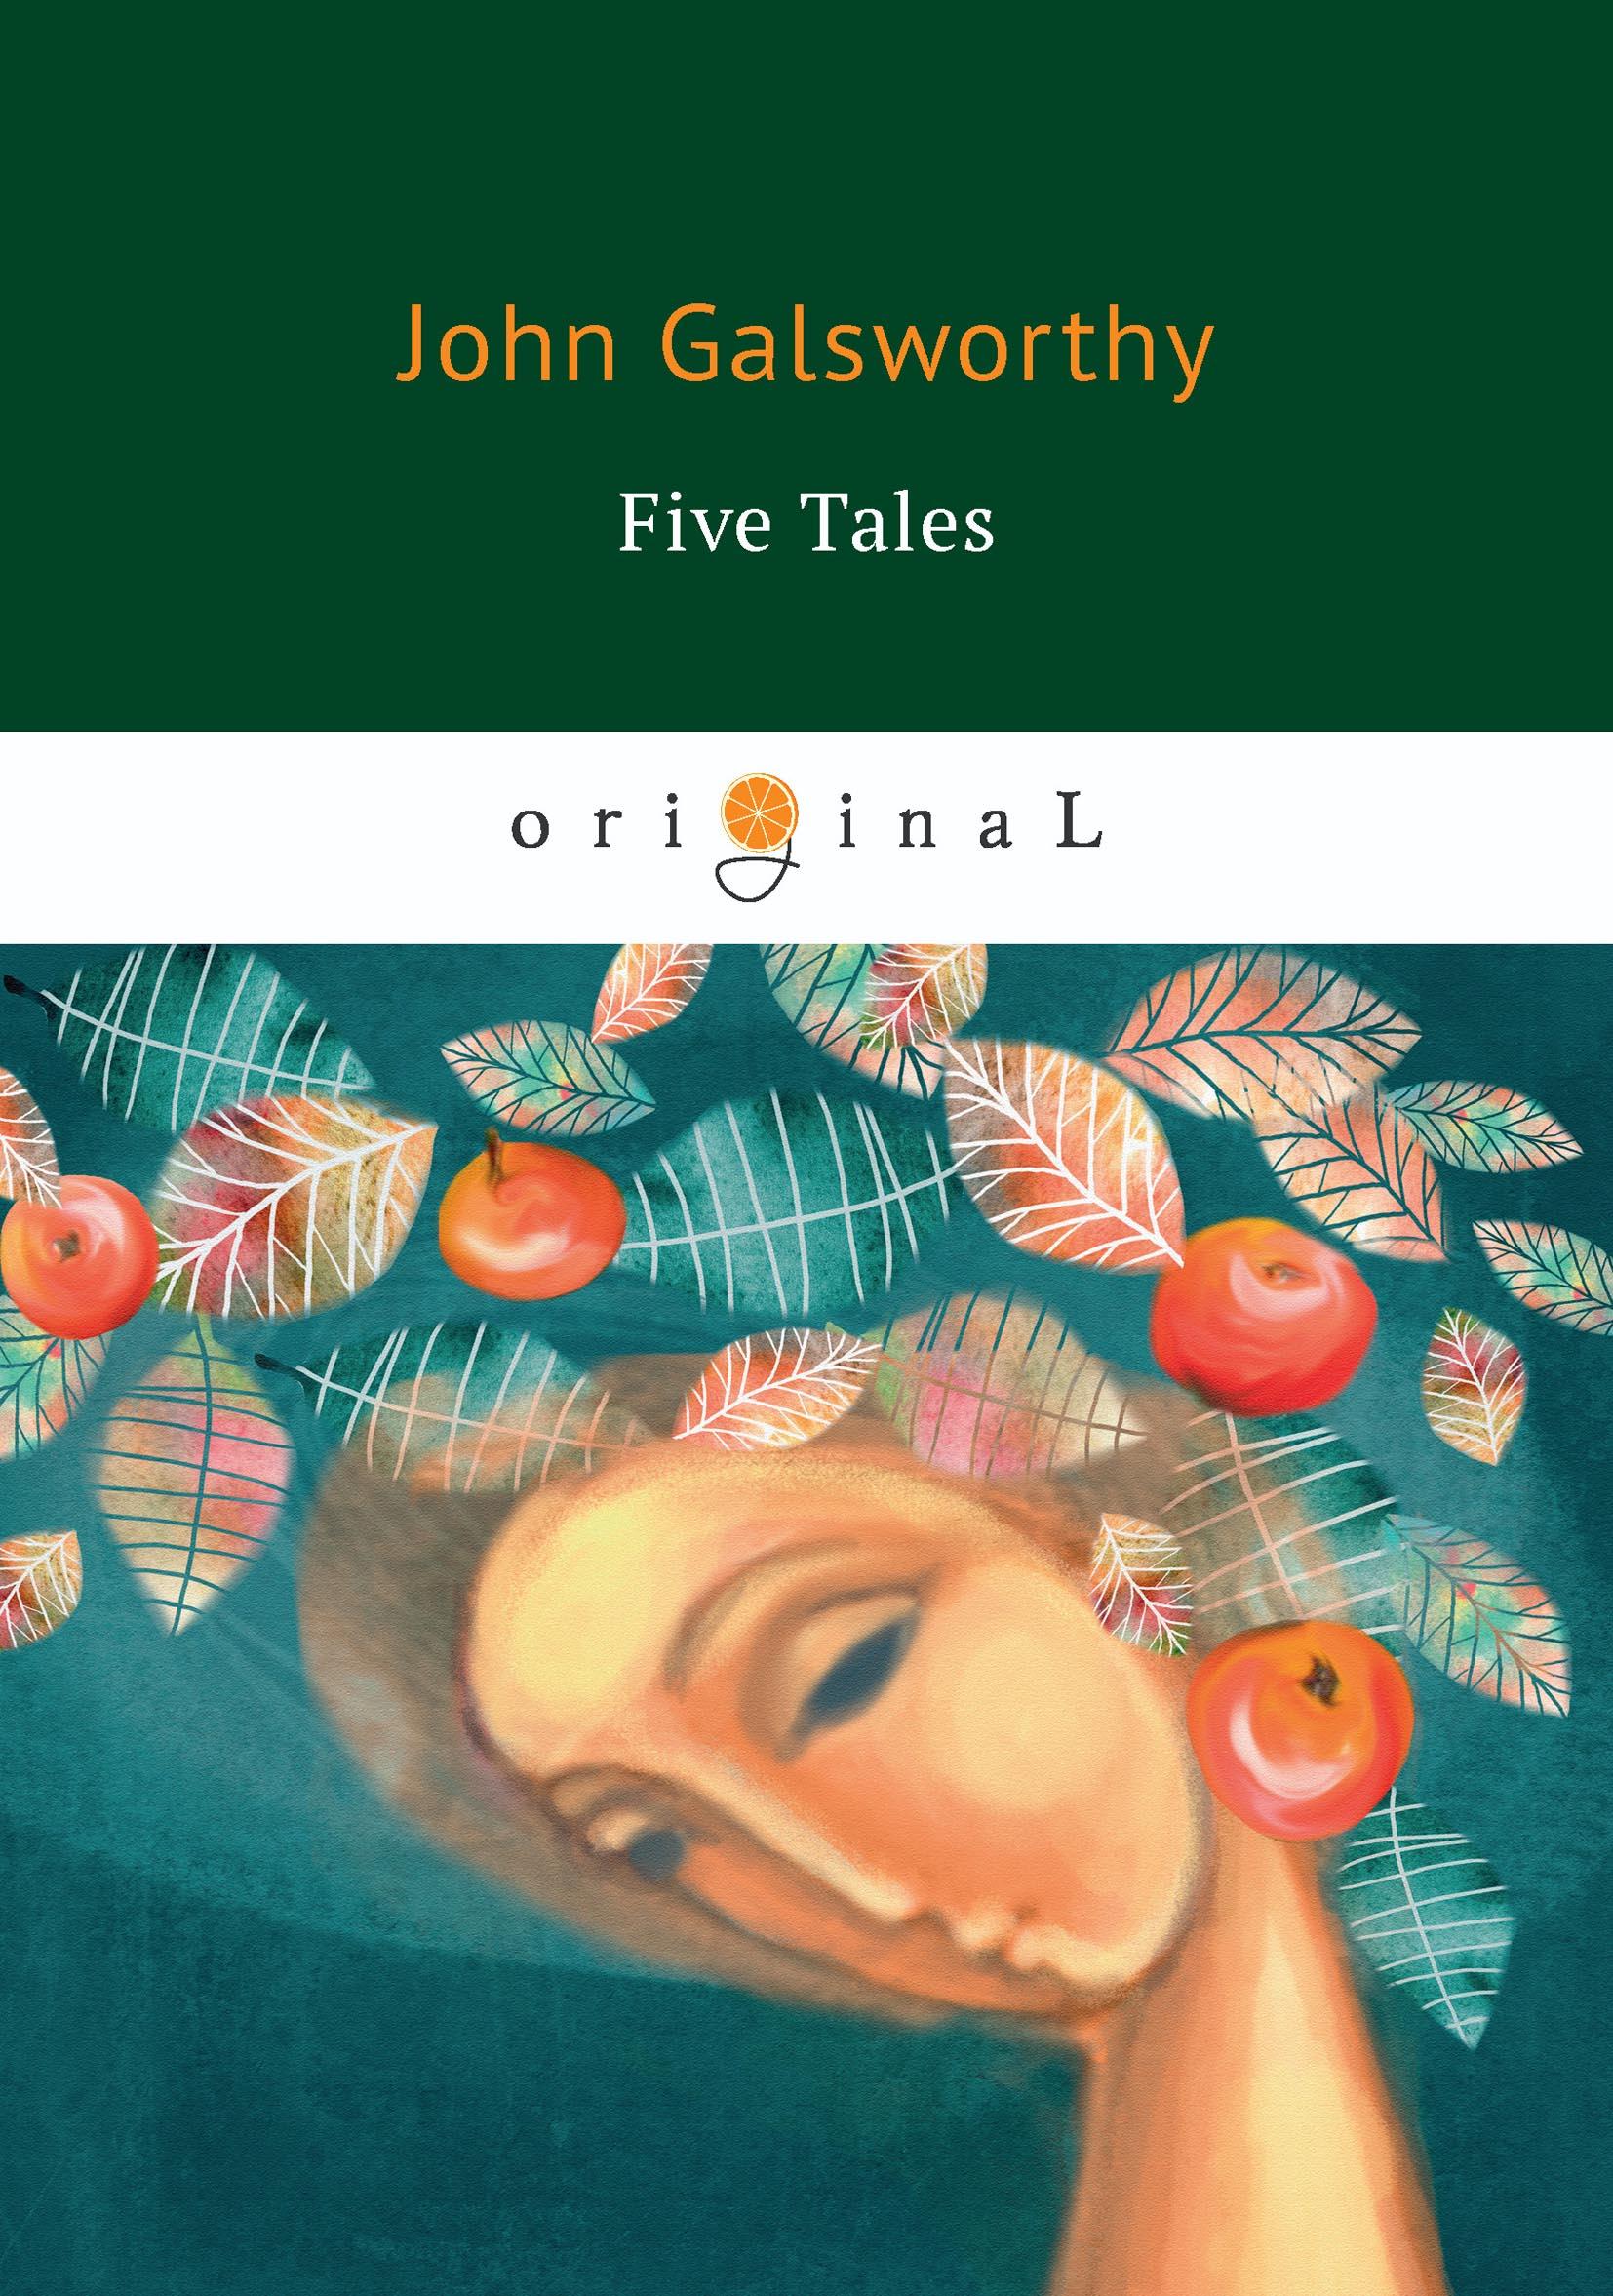 цена на John Galsworthy Five Tales